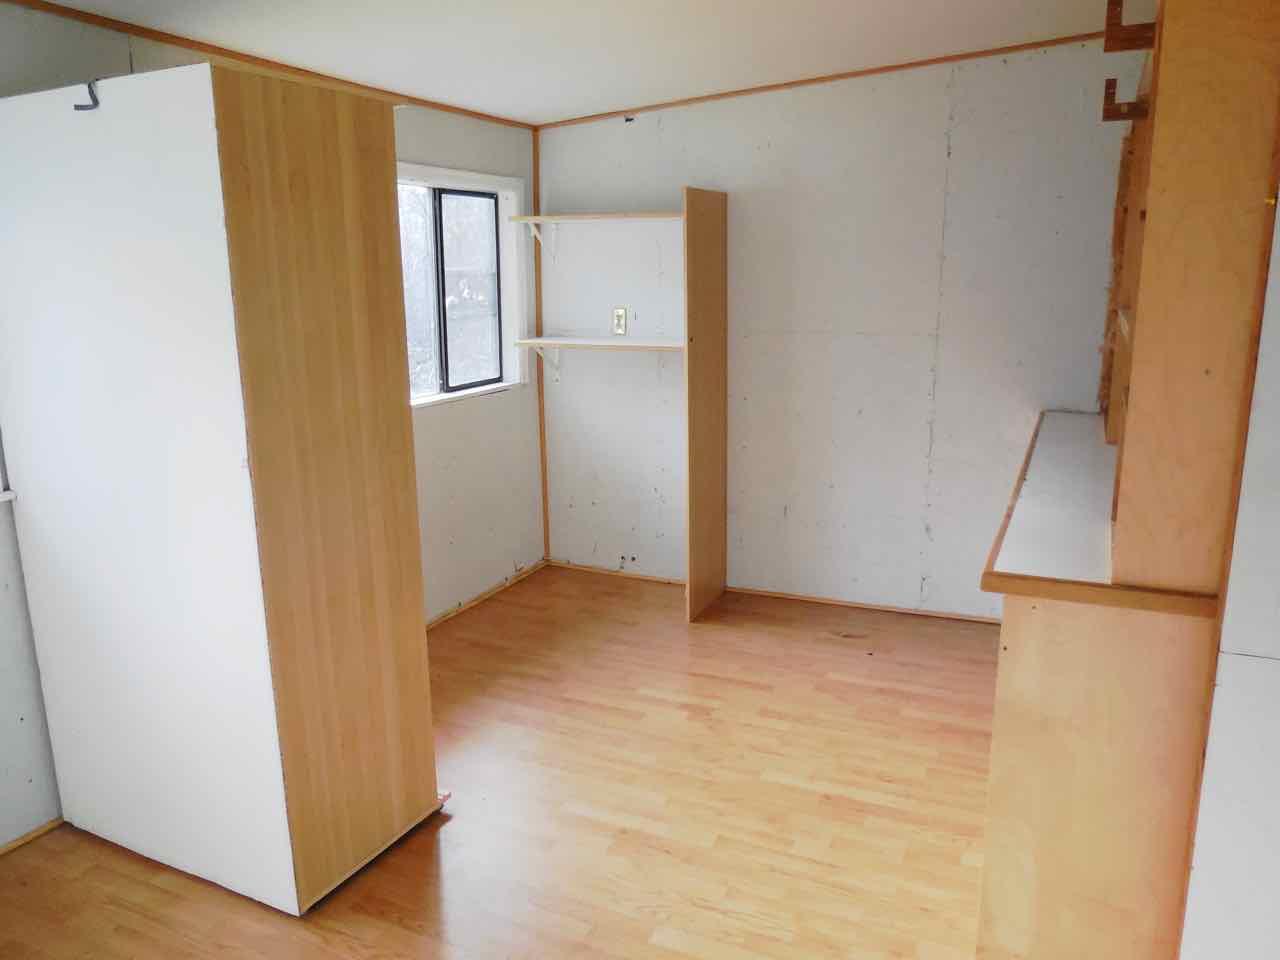 561-820190 backroom